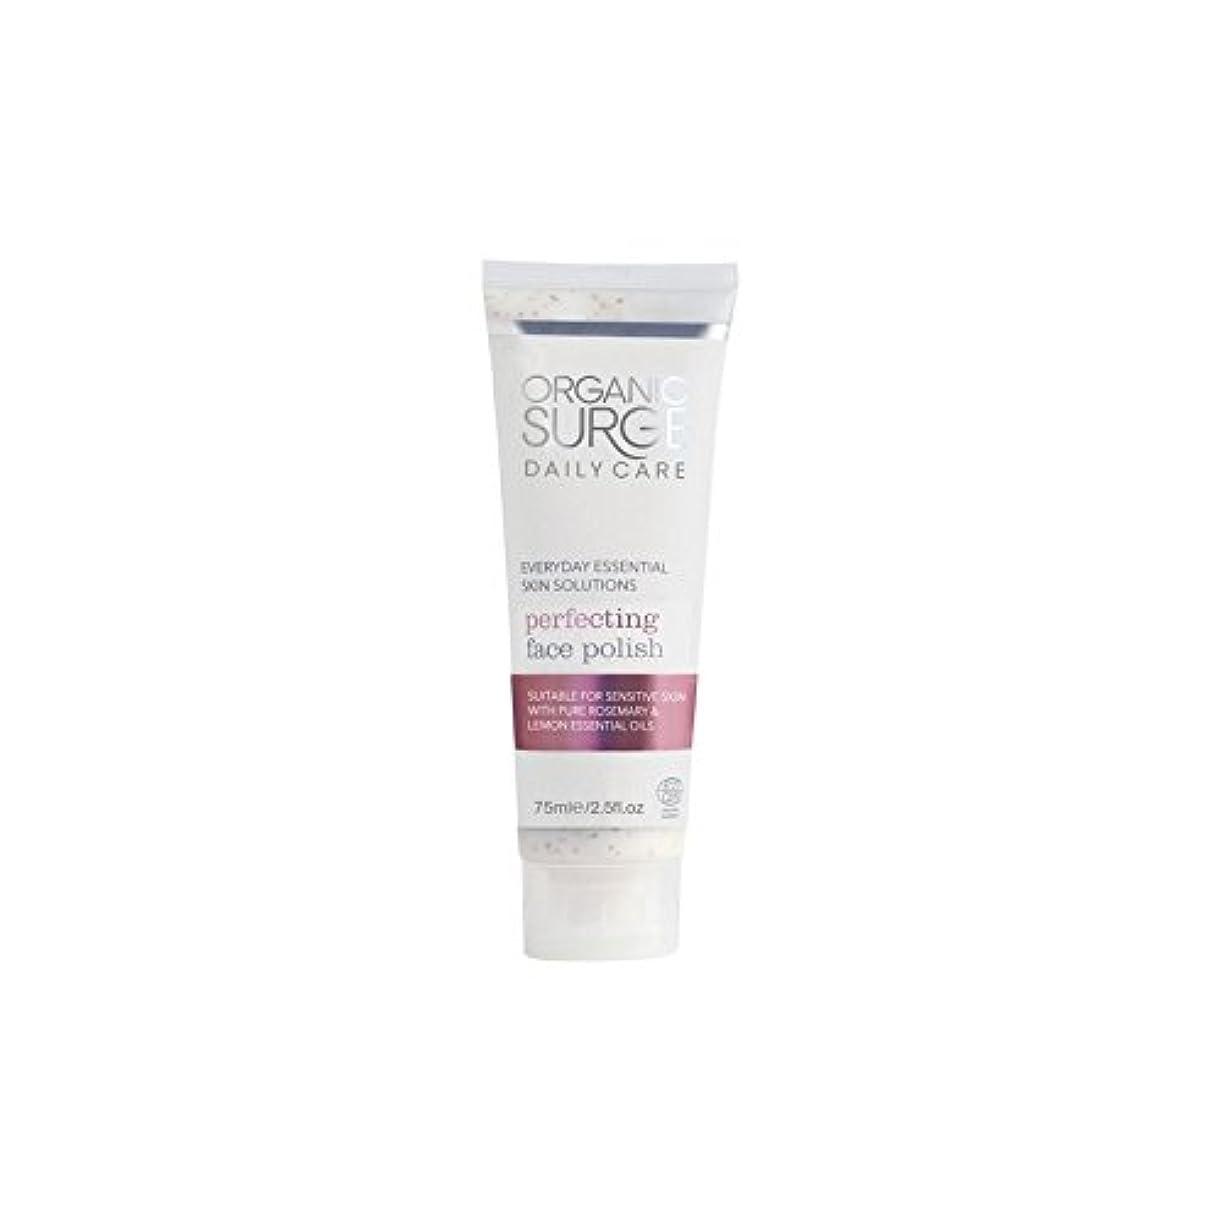 瞑想安全性ソケット面研磨を完成有機サージ毎日のケア(75ミリリットル) x4 - Organic Surge Daily Care Perfecting Face Polish (75ml) (Pack of 4) [並行輸入品]